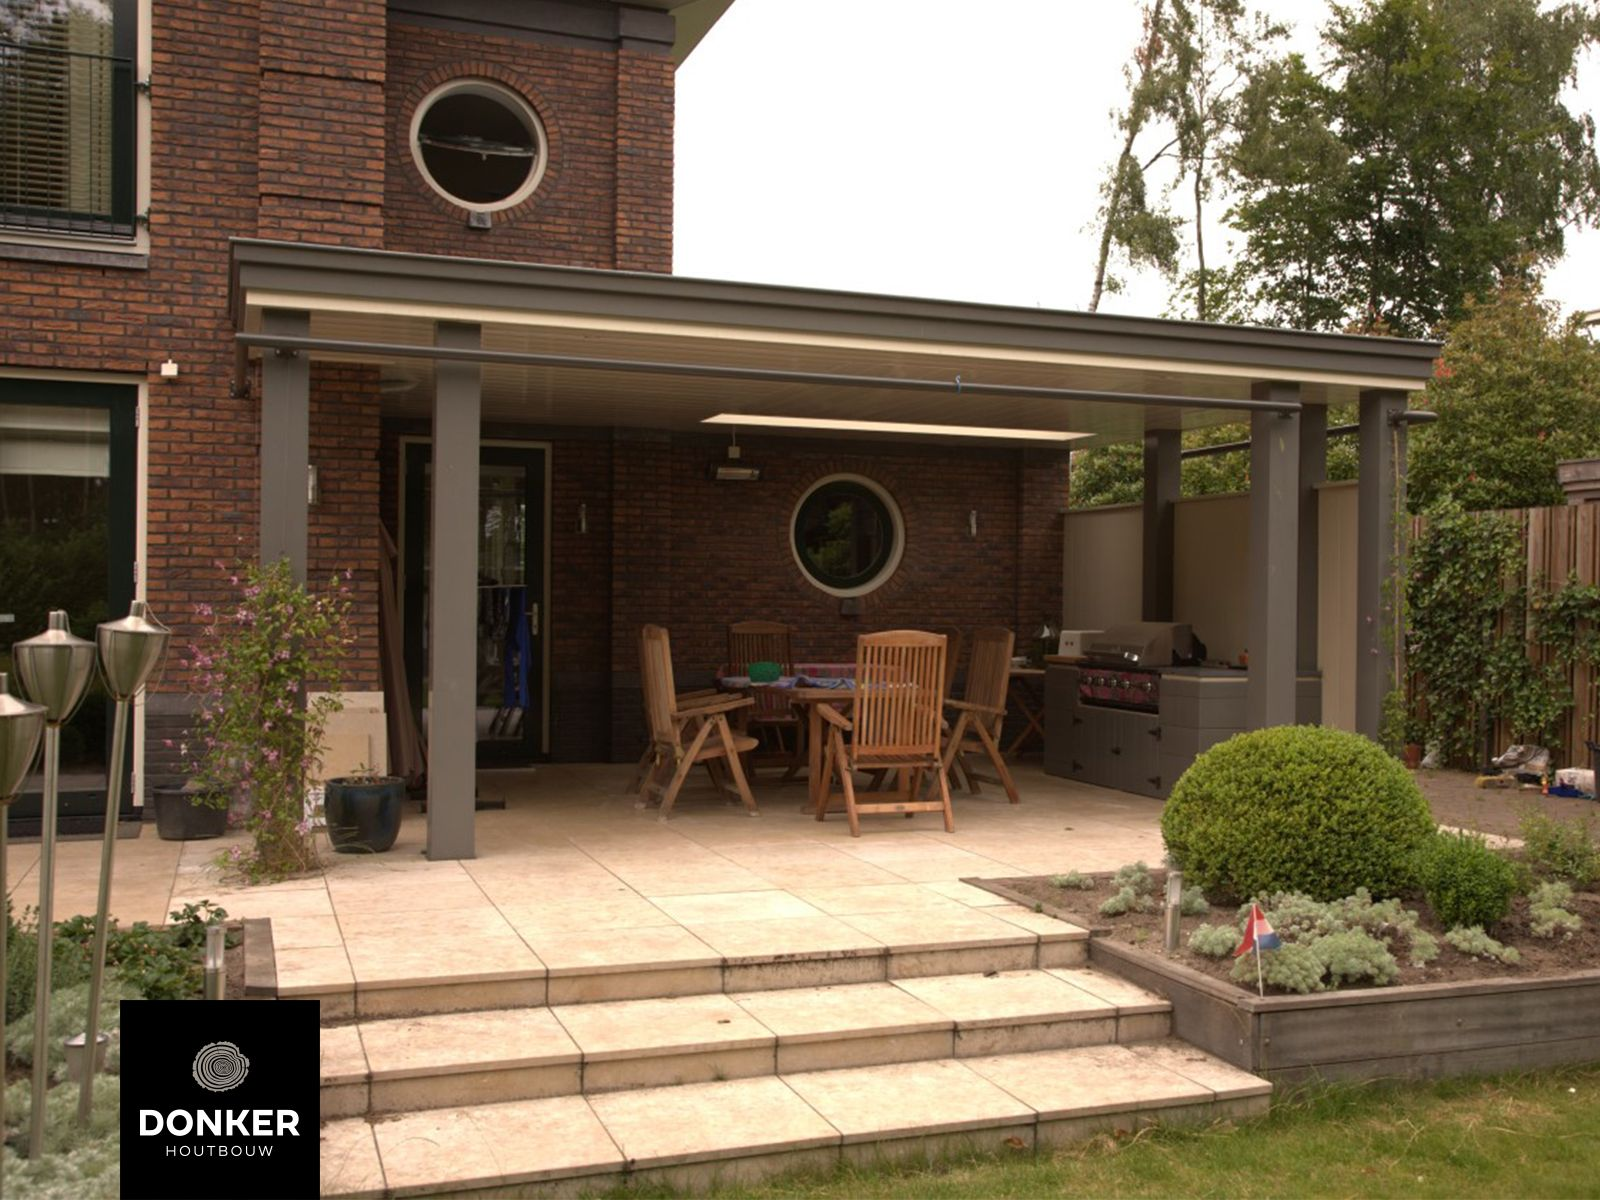 Donker houtbouw klassieke veranda veranda aan huis uniek